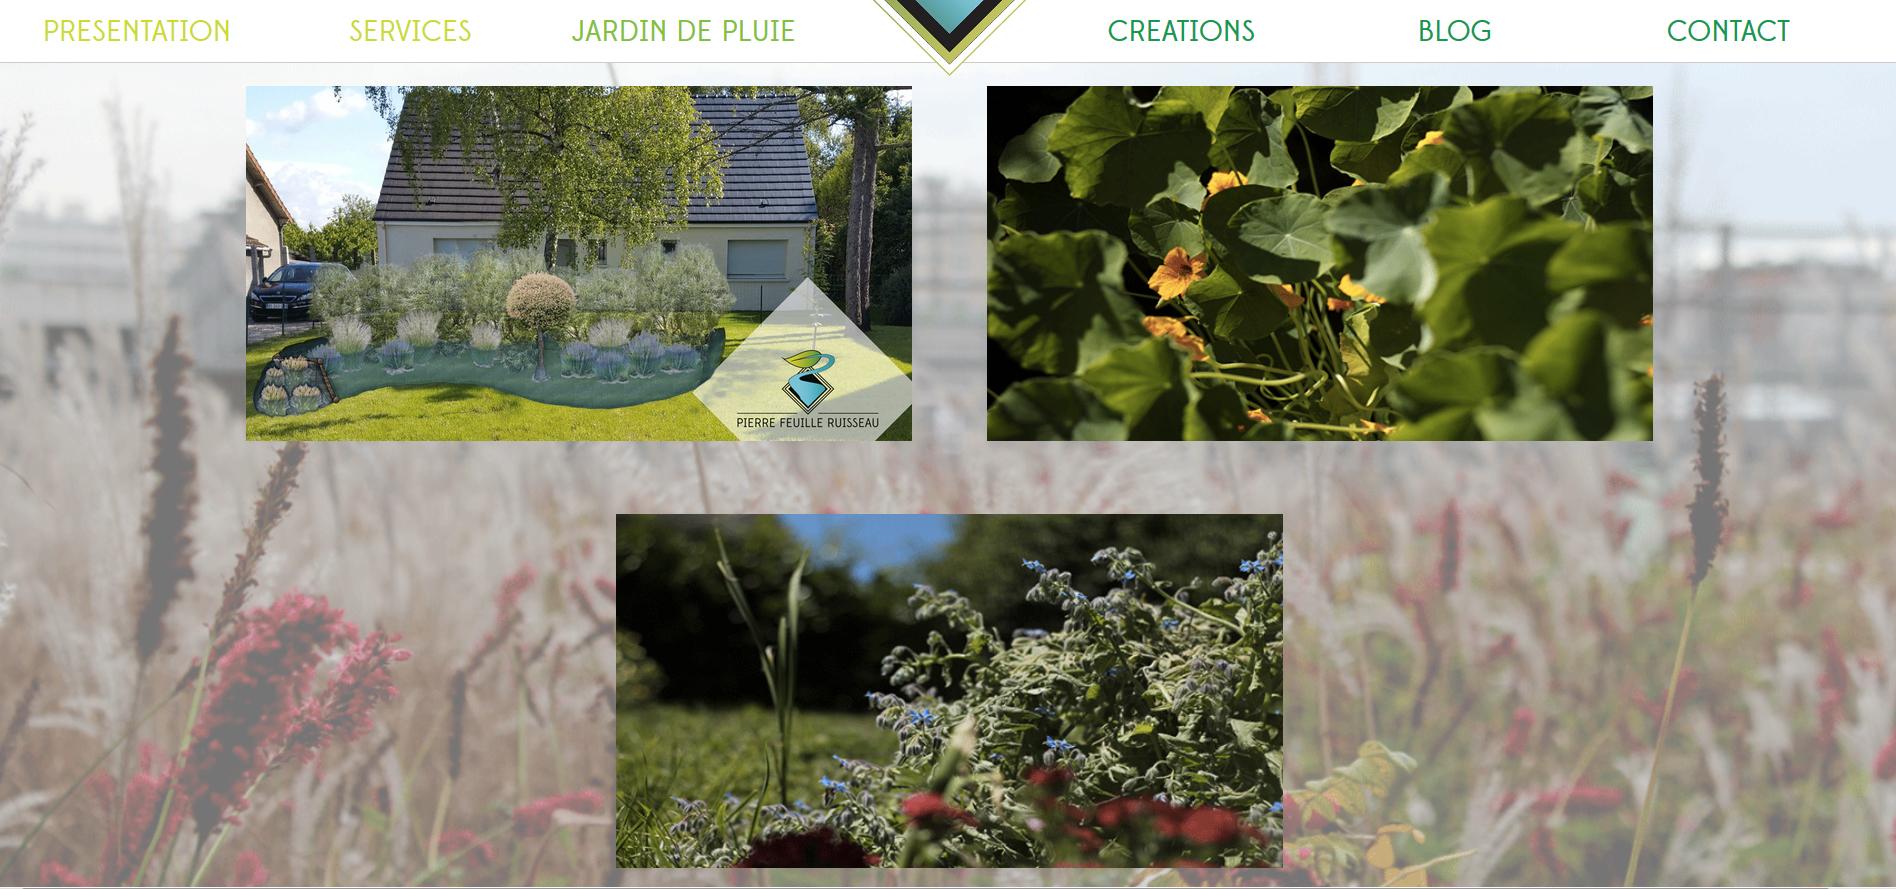 Le jardin de pluie, un jardin écoresponsable paysager